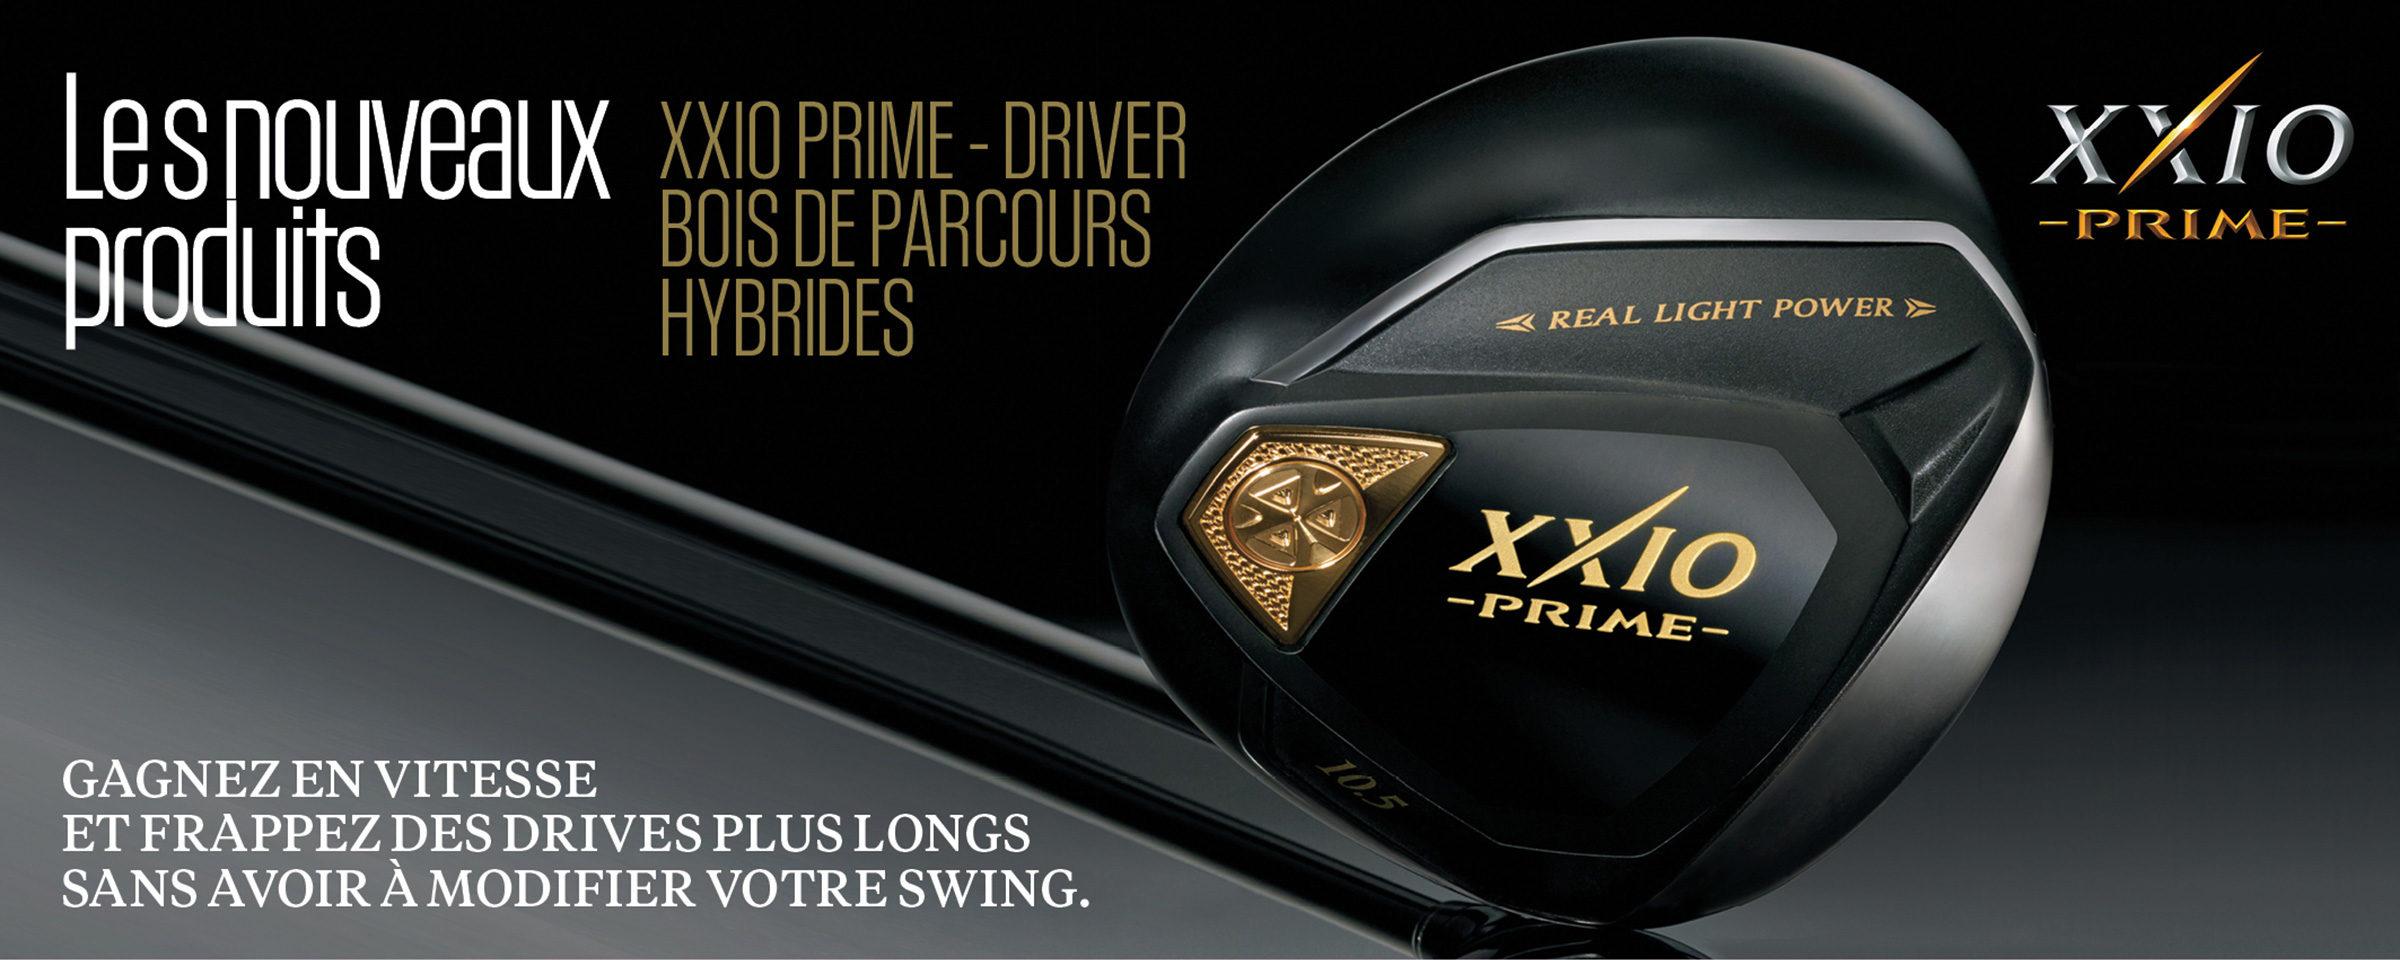 XXIO Prime : Driver, bois de parcours, hybrides